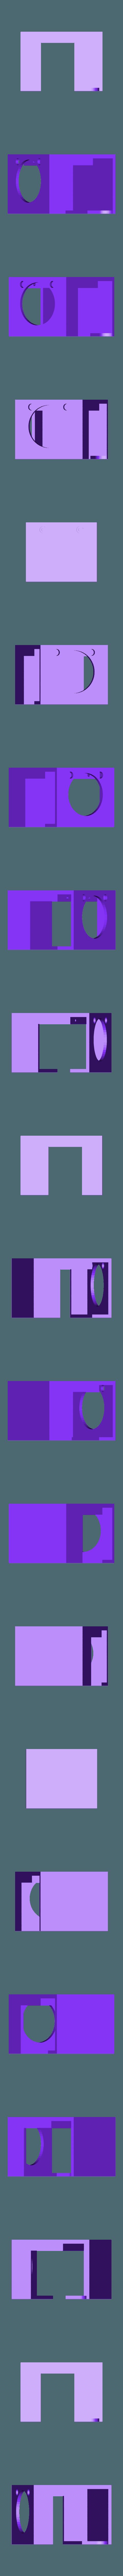 LaserMount_v7.stl Download free STL file CR10's Magnetic Removable Laser Option • 3D printing object, Tibus